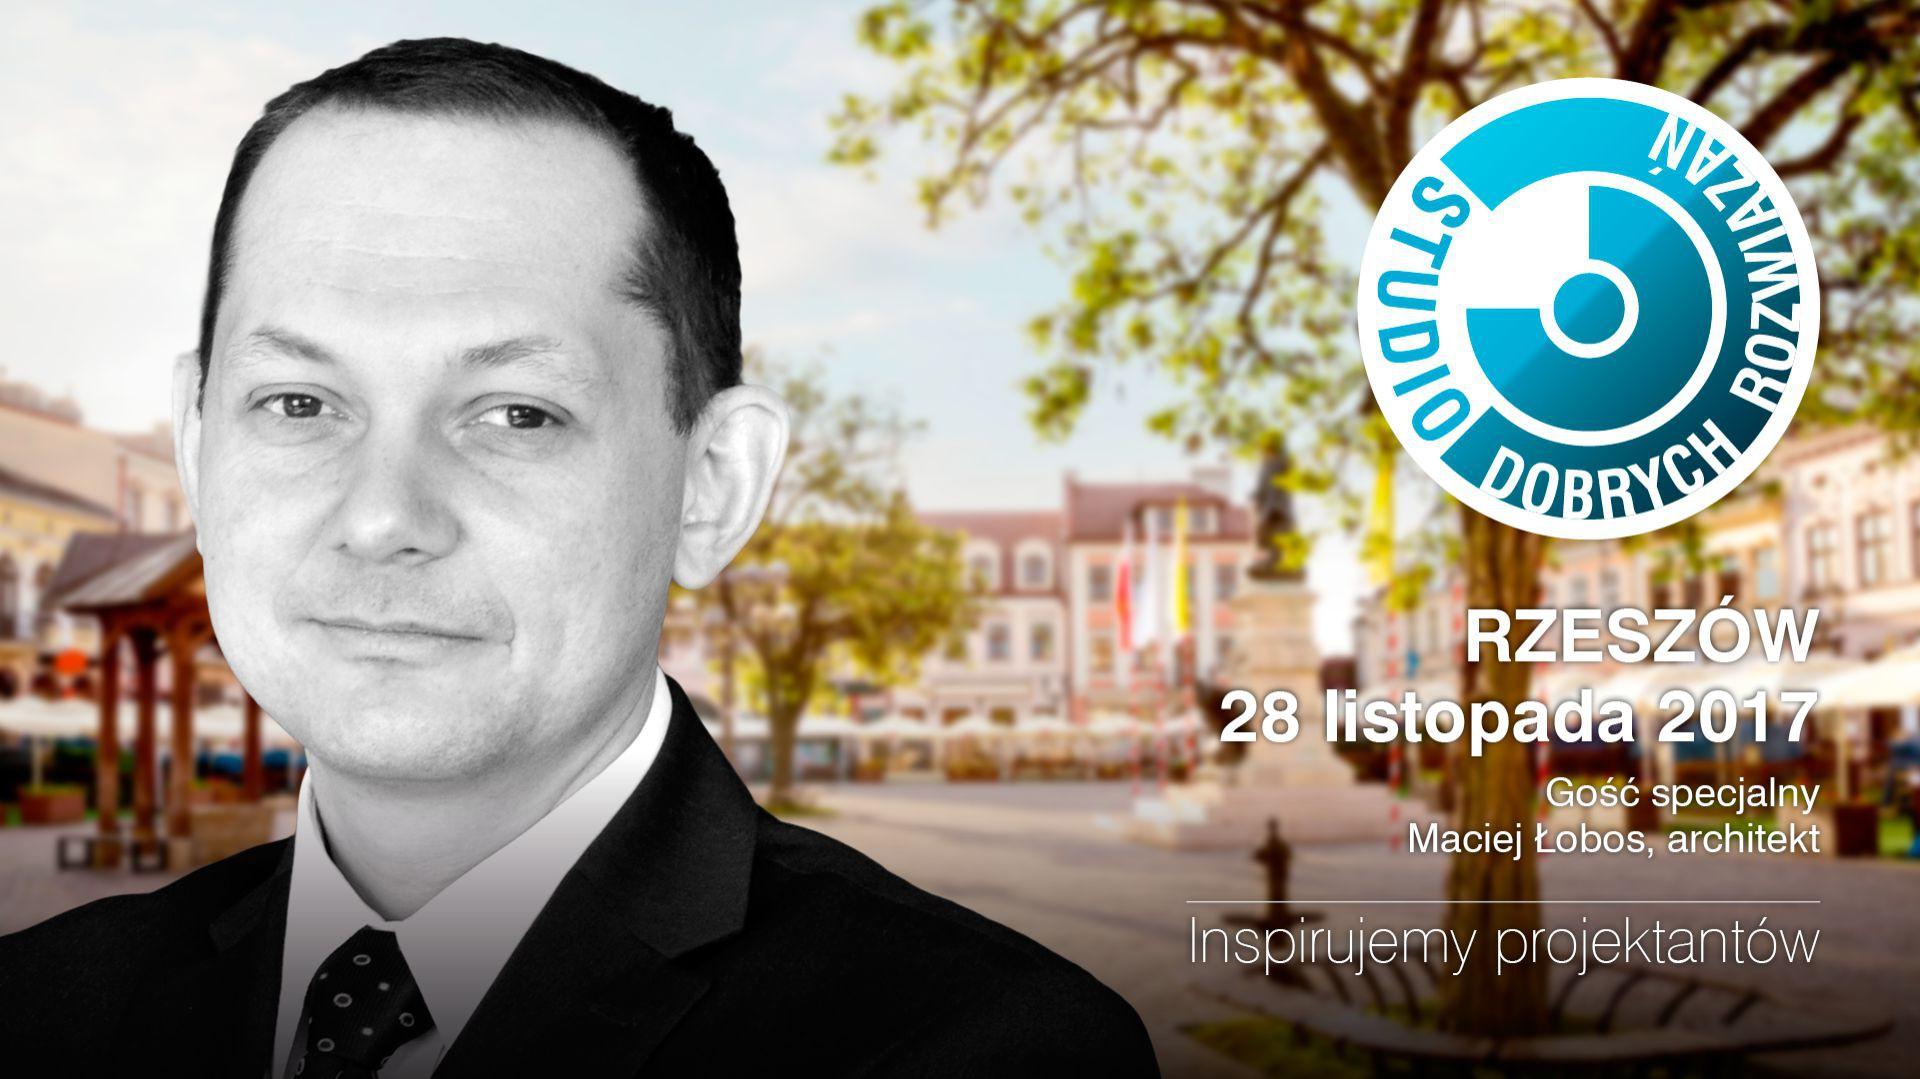 Maciej Łobos, architekt i prezes zarządu MWM Architekci, będzie gościem specjalnym Studia Dobrych Rozwiązań, które odbędzie się w Rzeszowie 28 listopada br.